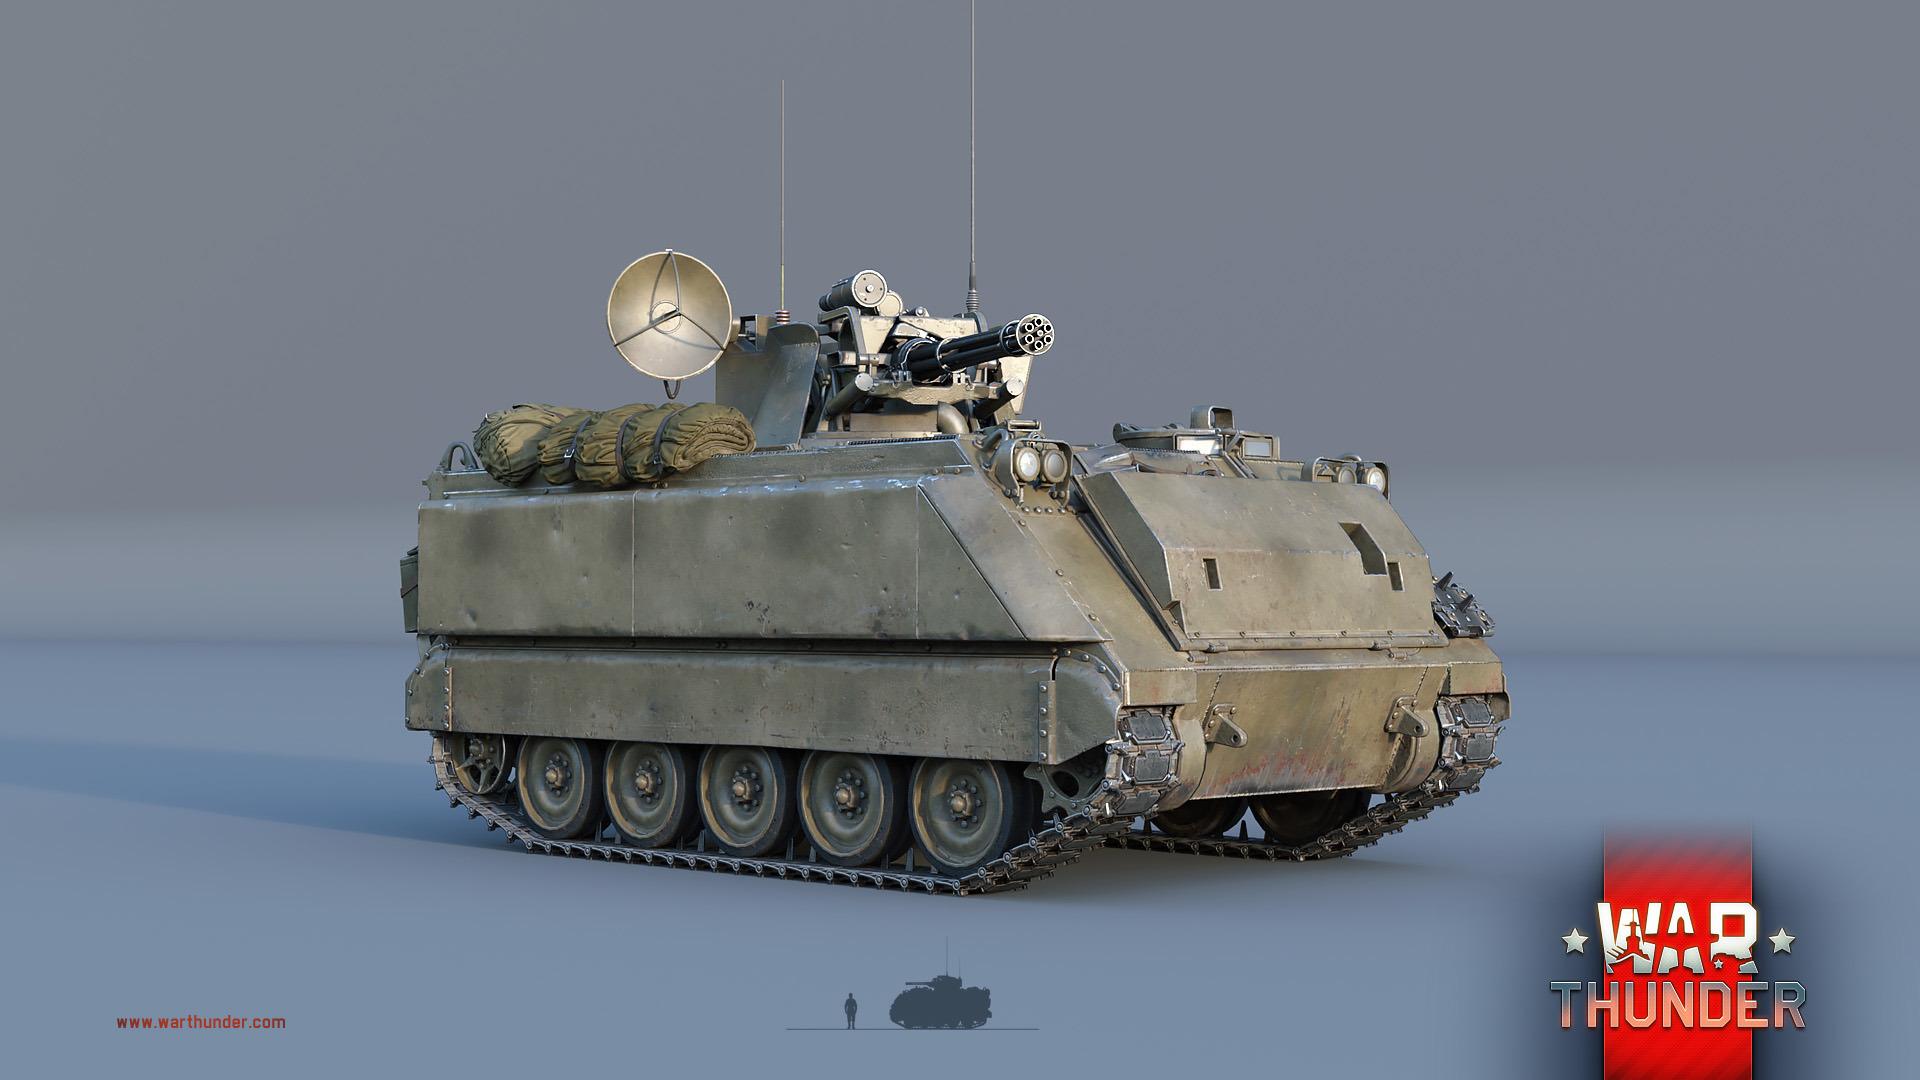 M163バルカン:ガトリングの猛威...